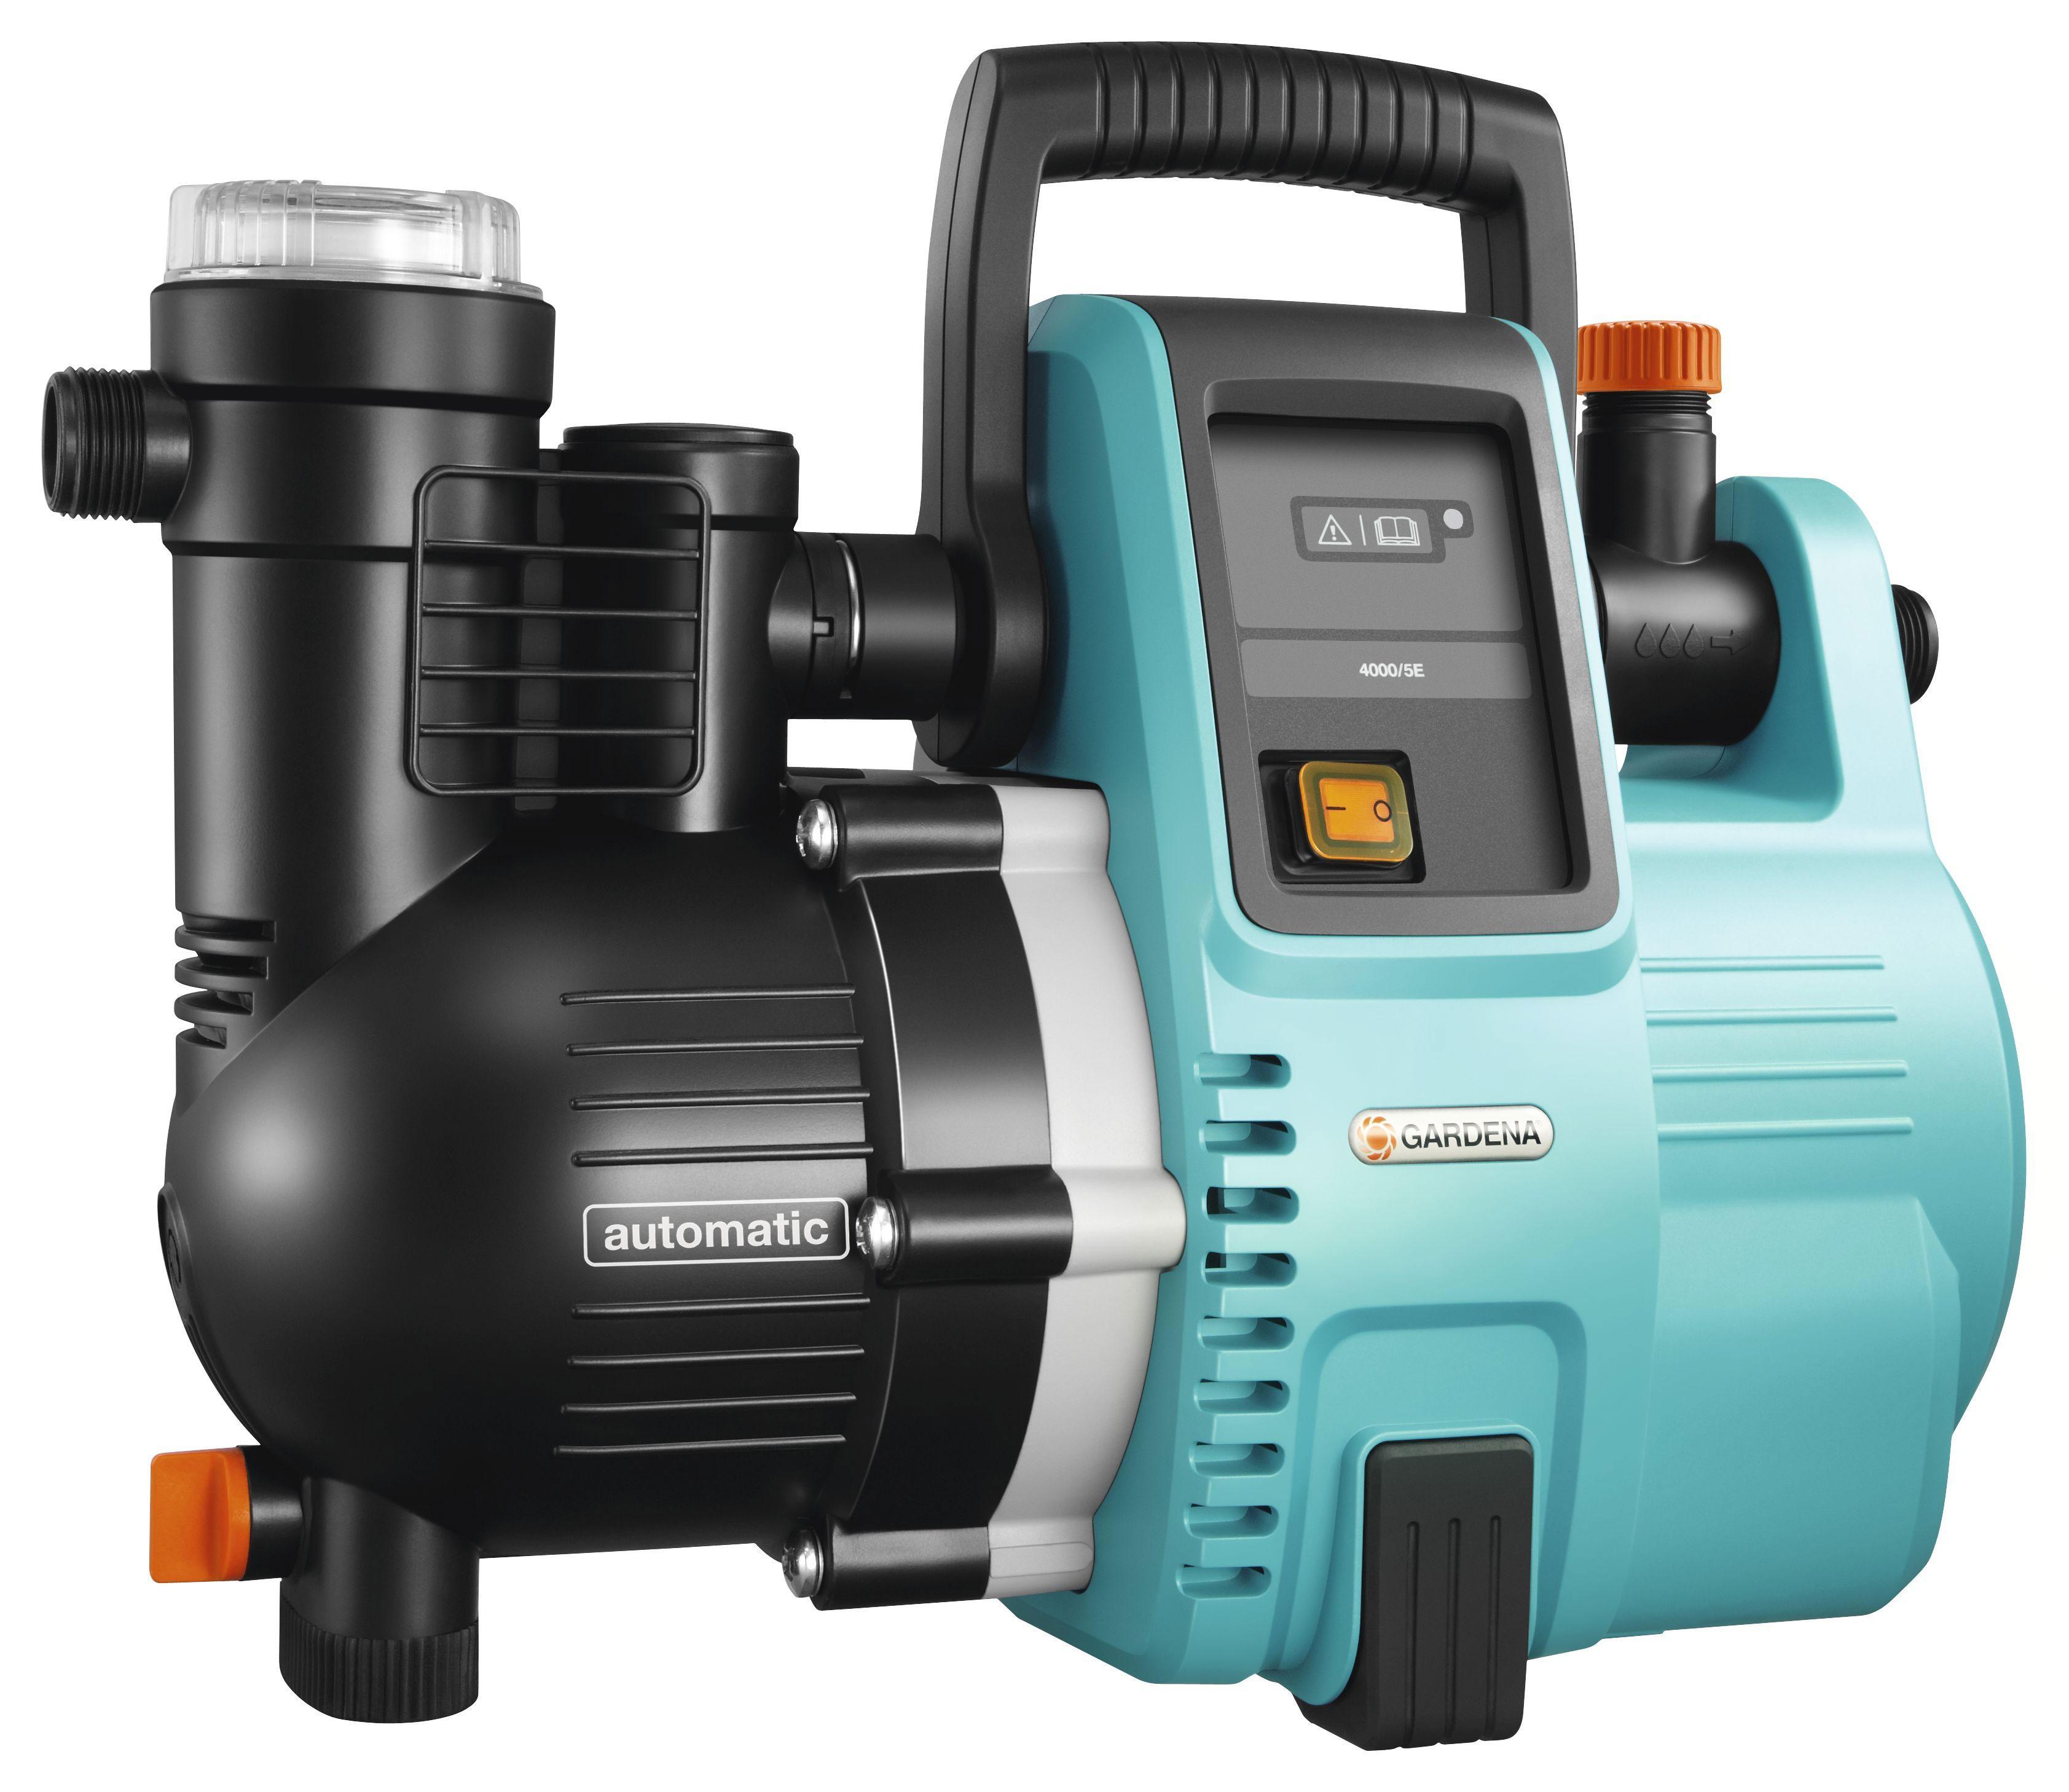 GARDENA Hauswasserautomat Comfort 4000/5E 01758-20 Bild 1